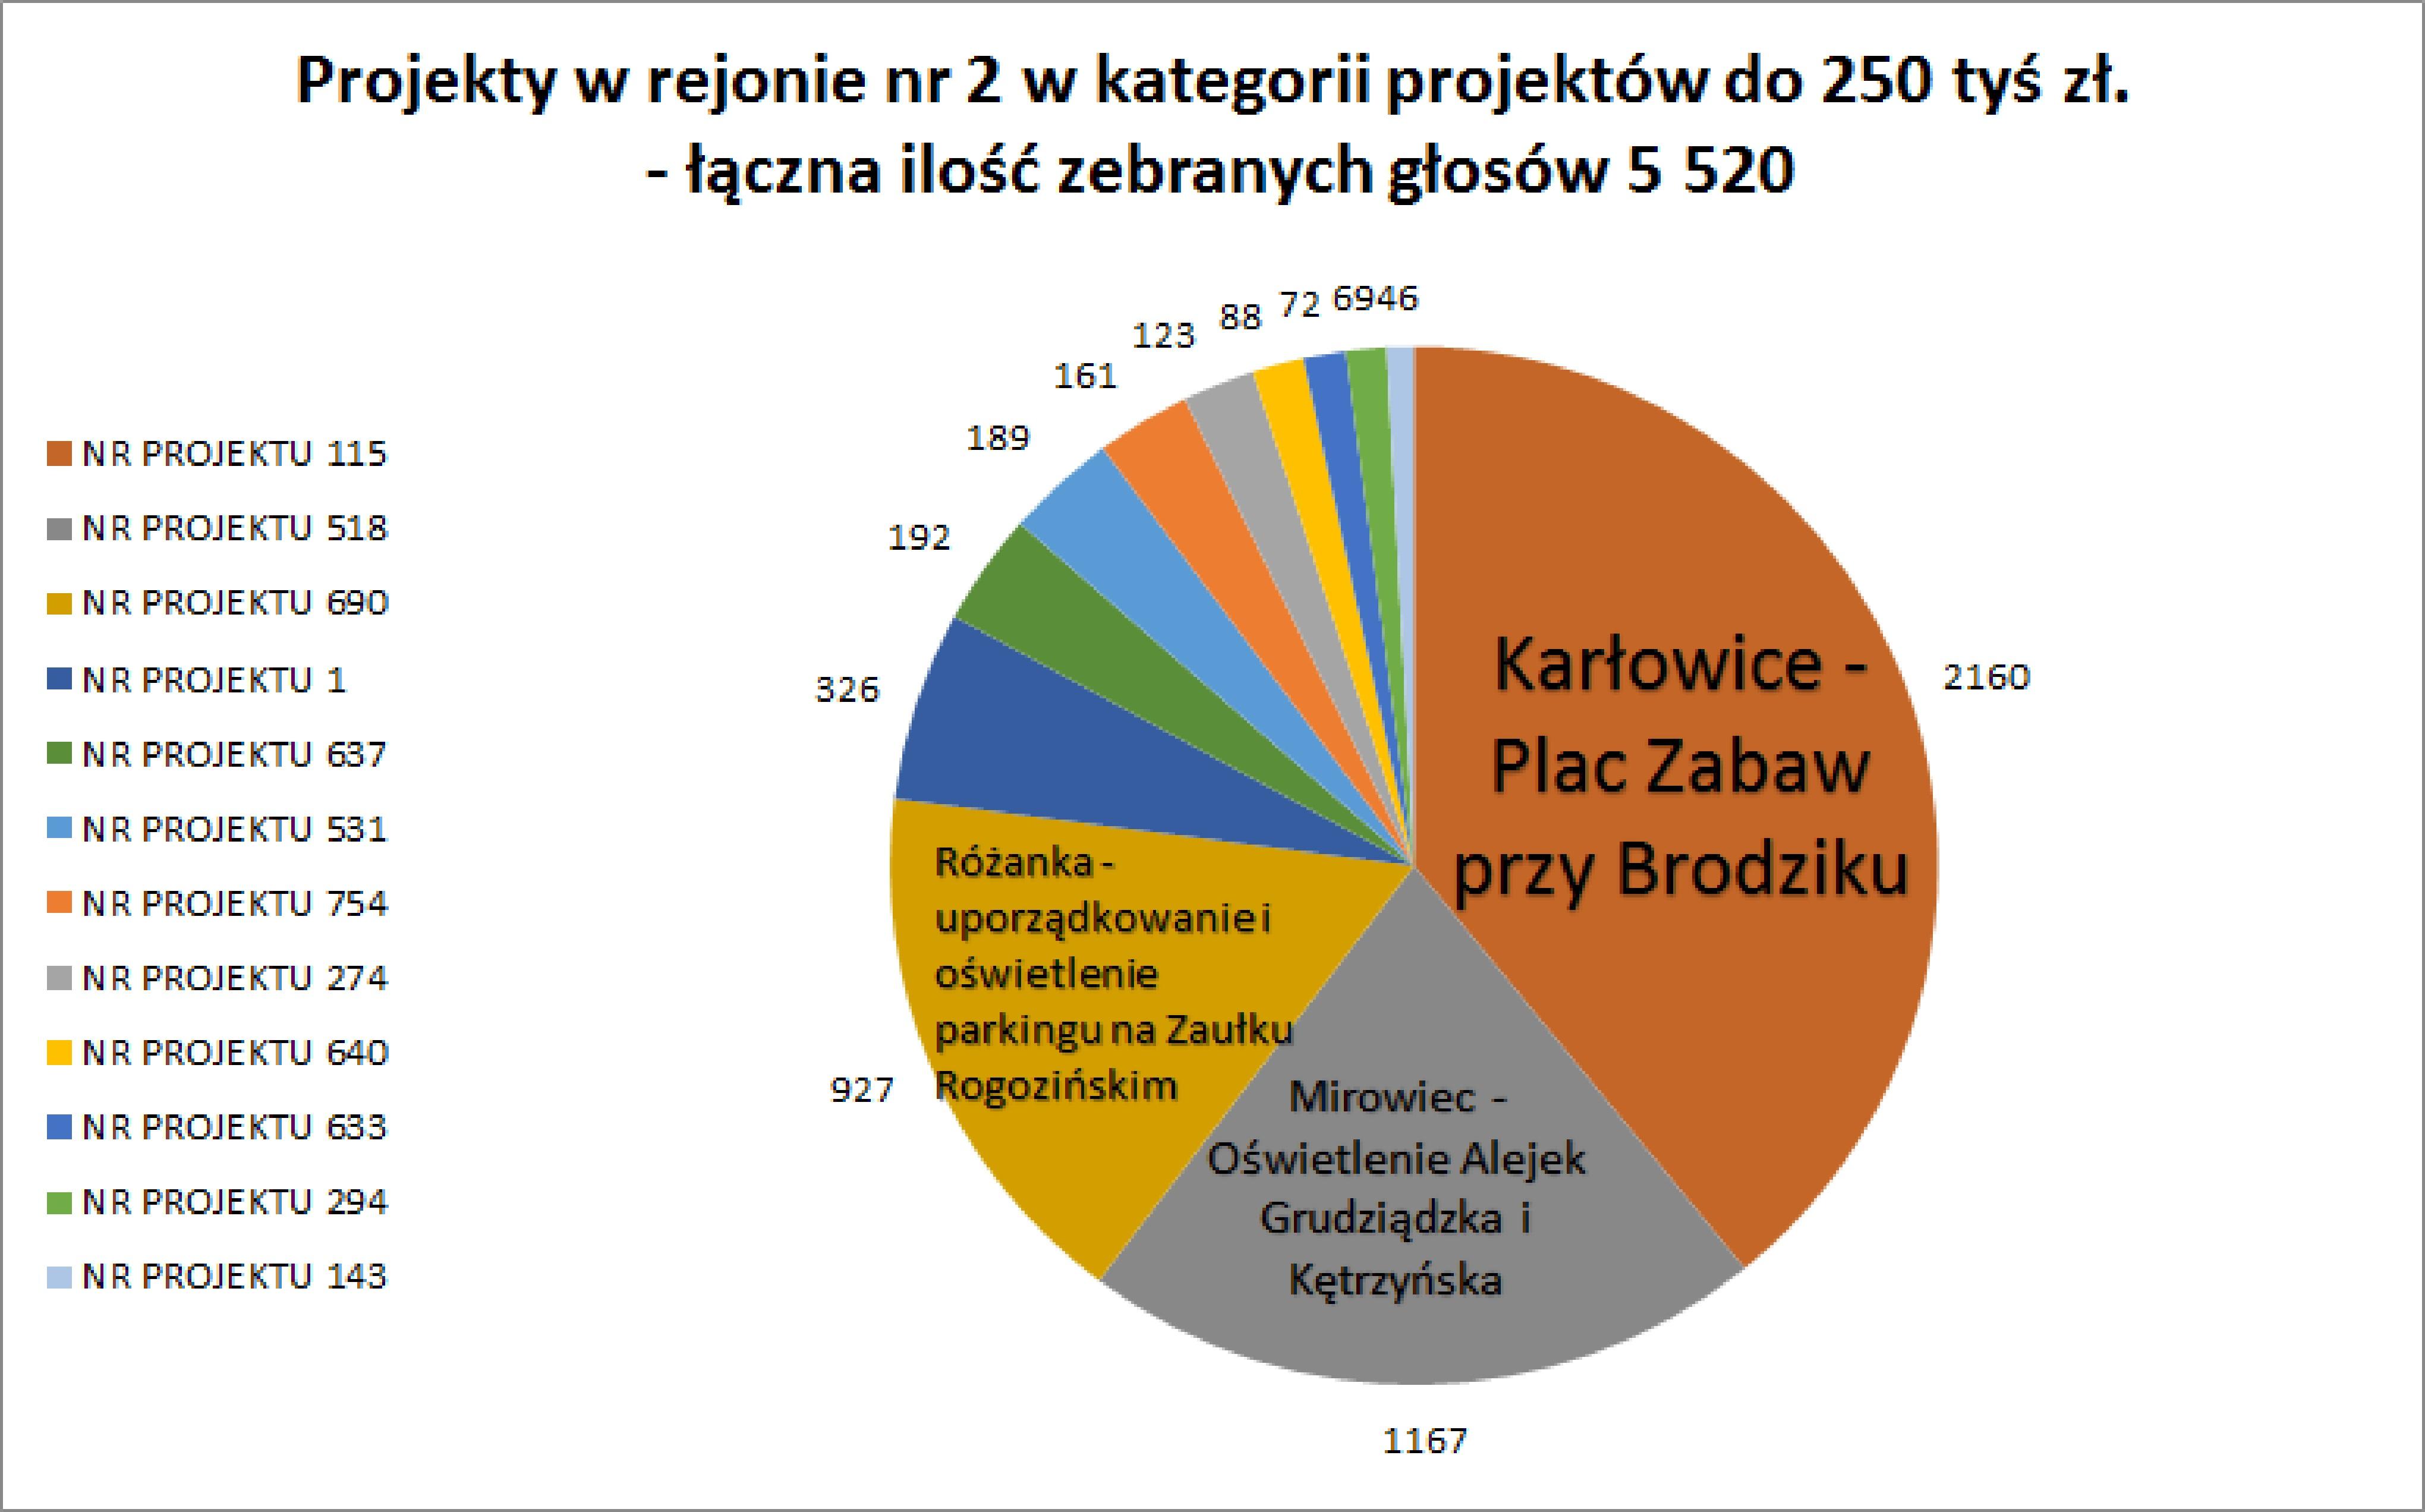 projektyy-do-250-tys-zl-v2